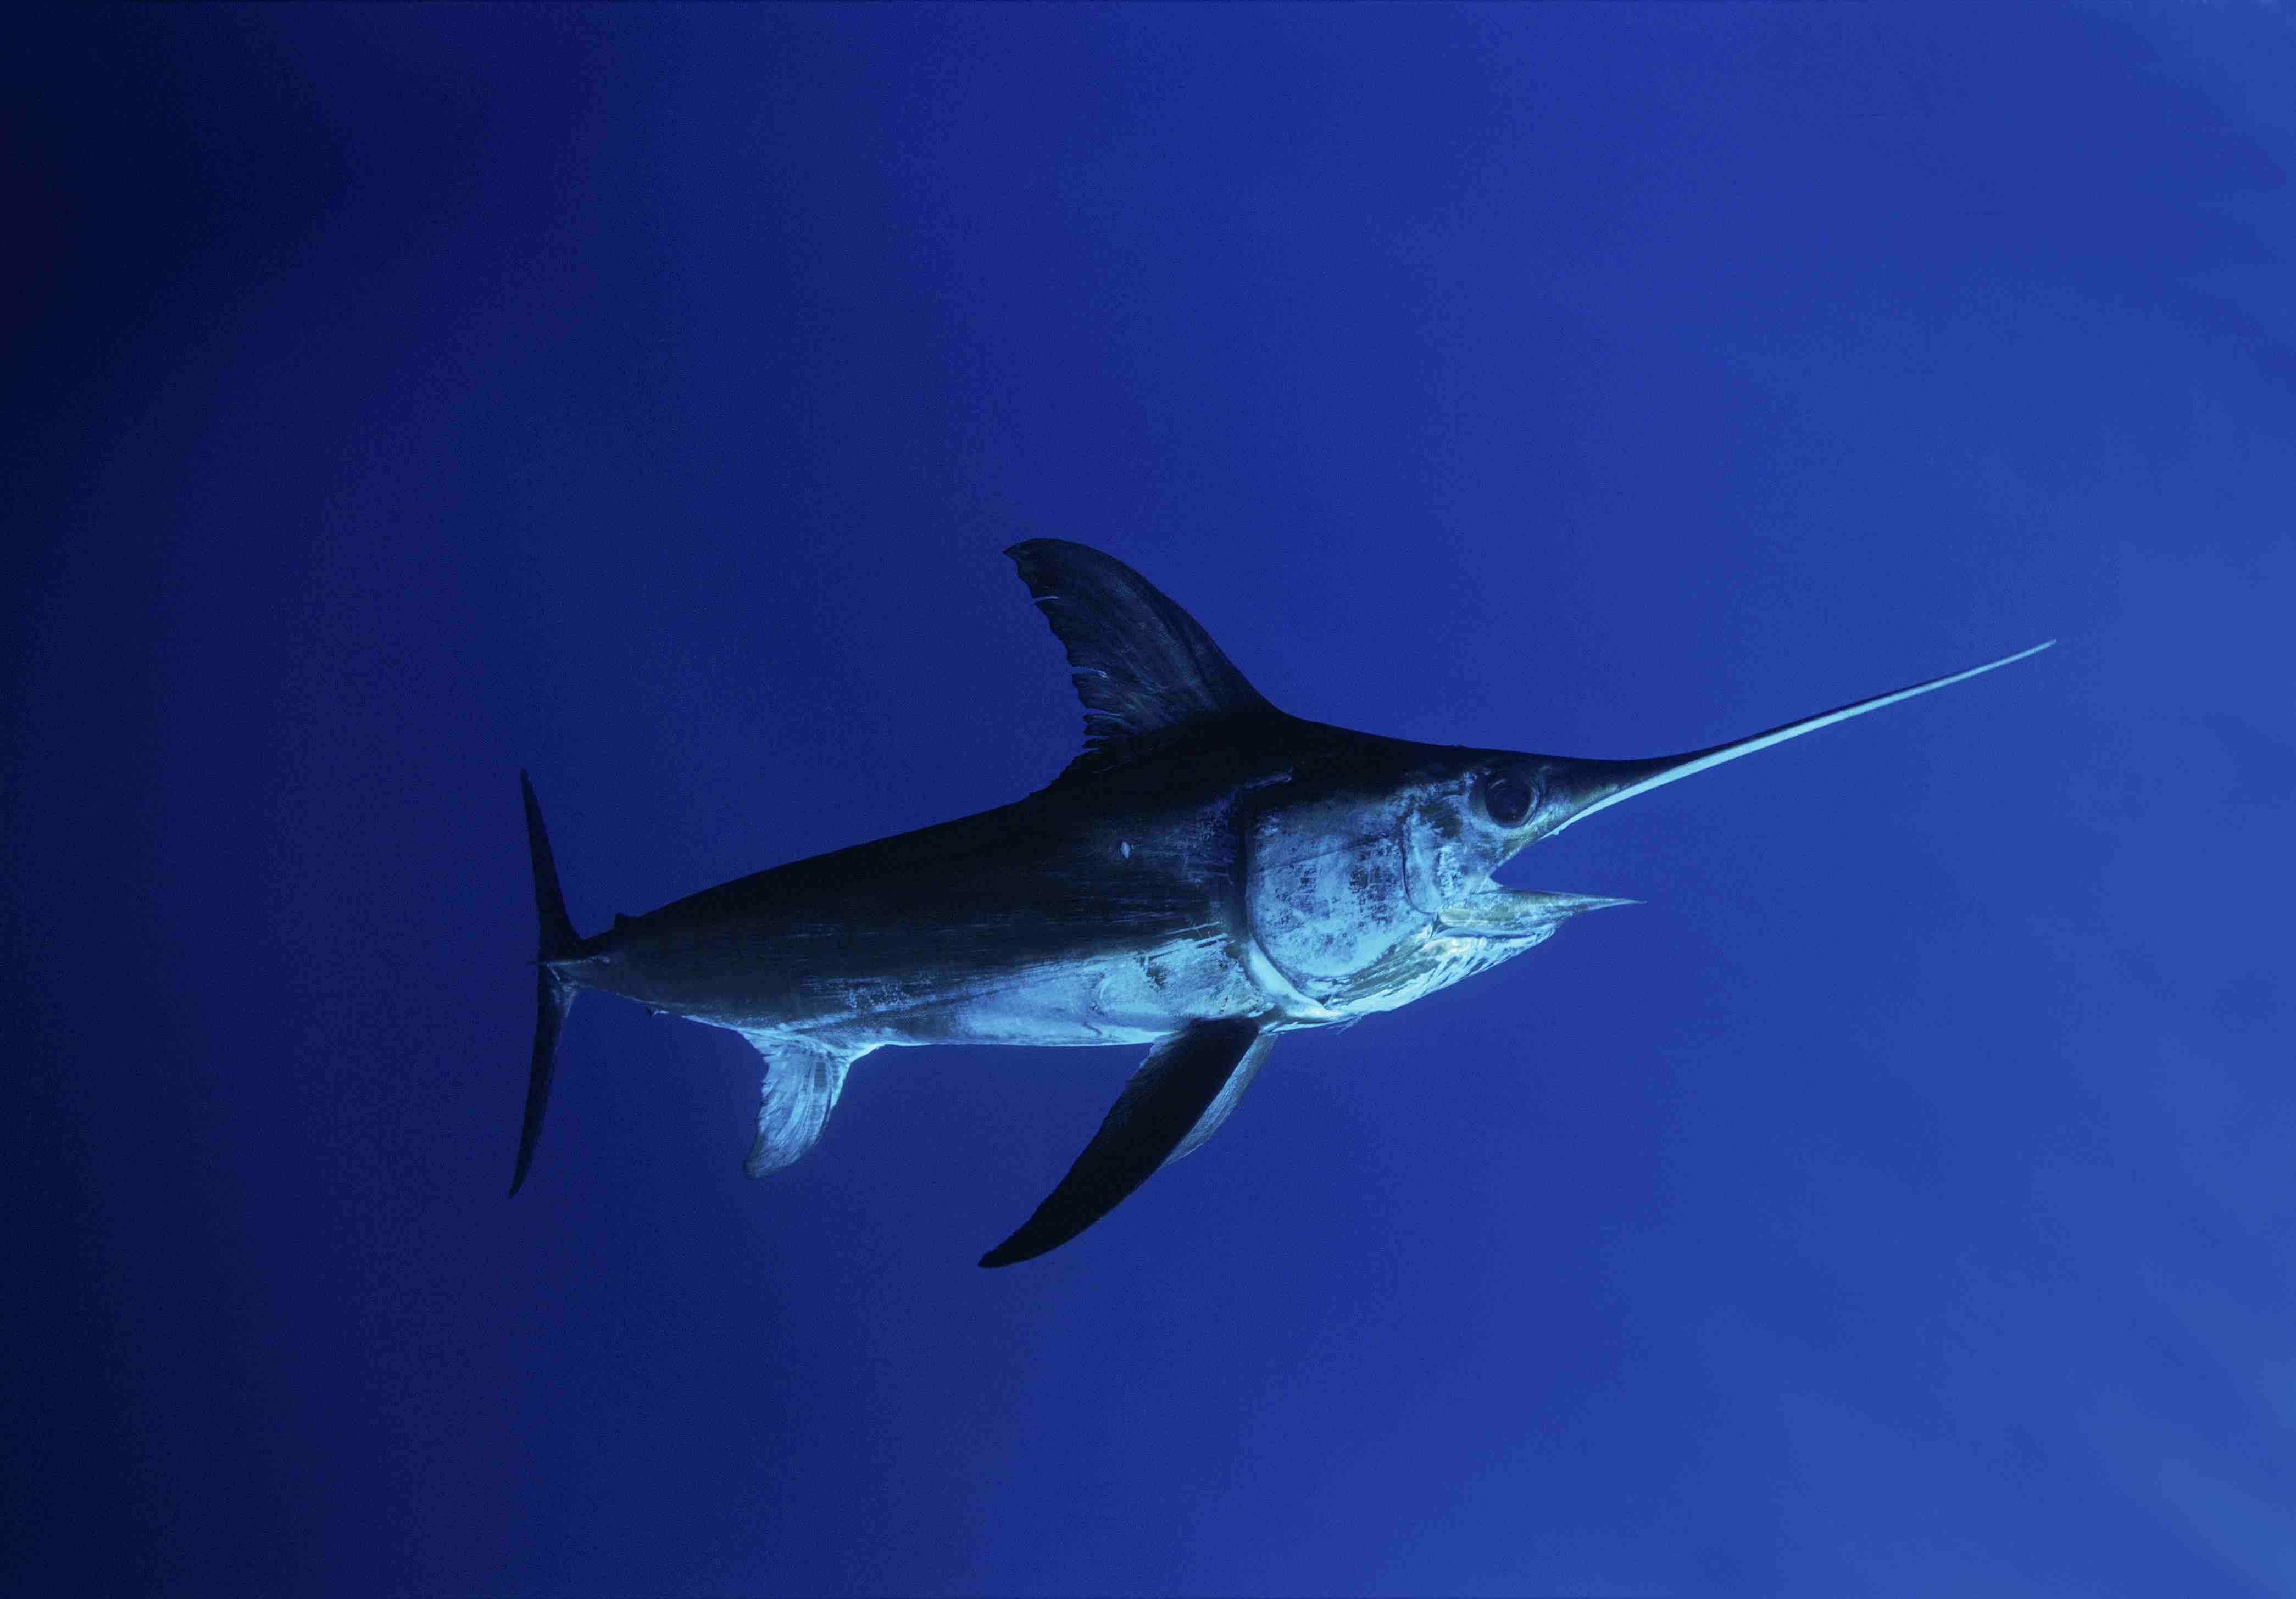 Swordfish (Xiphias gladius) in the open ocean surrounding Cocos Island, Costa Rica